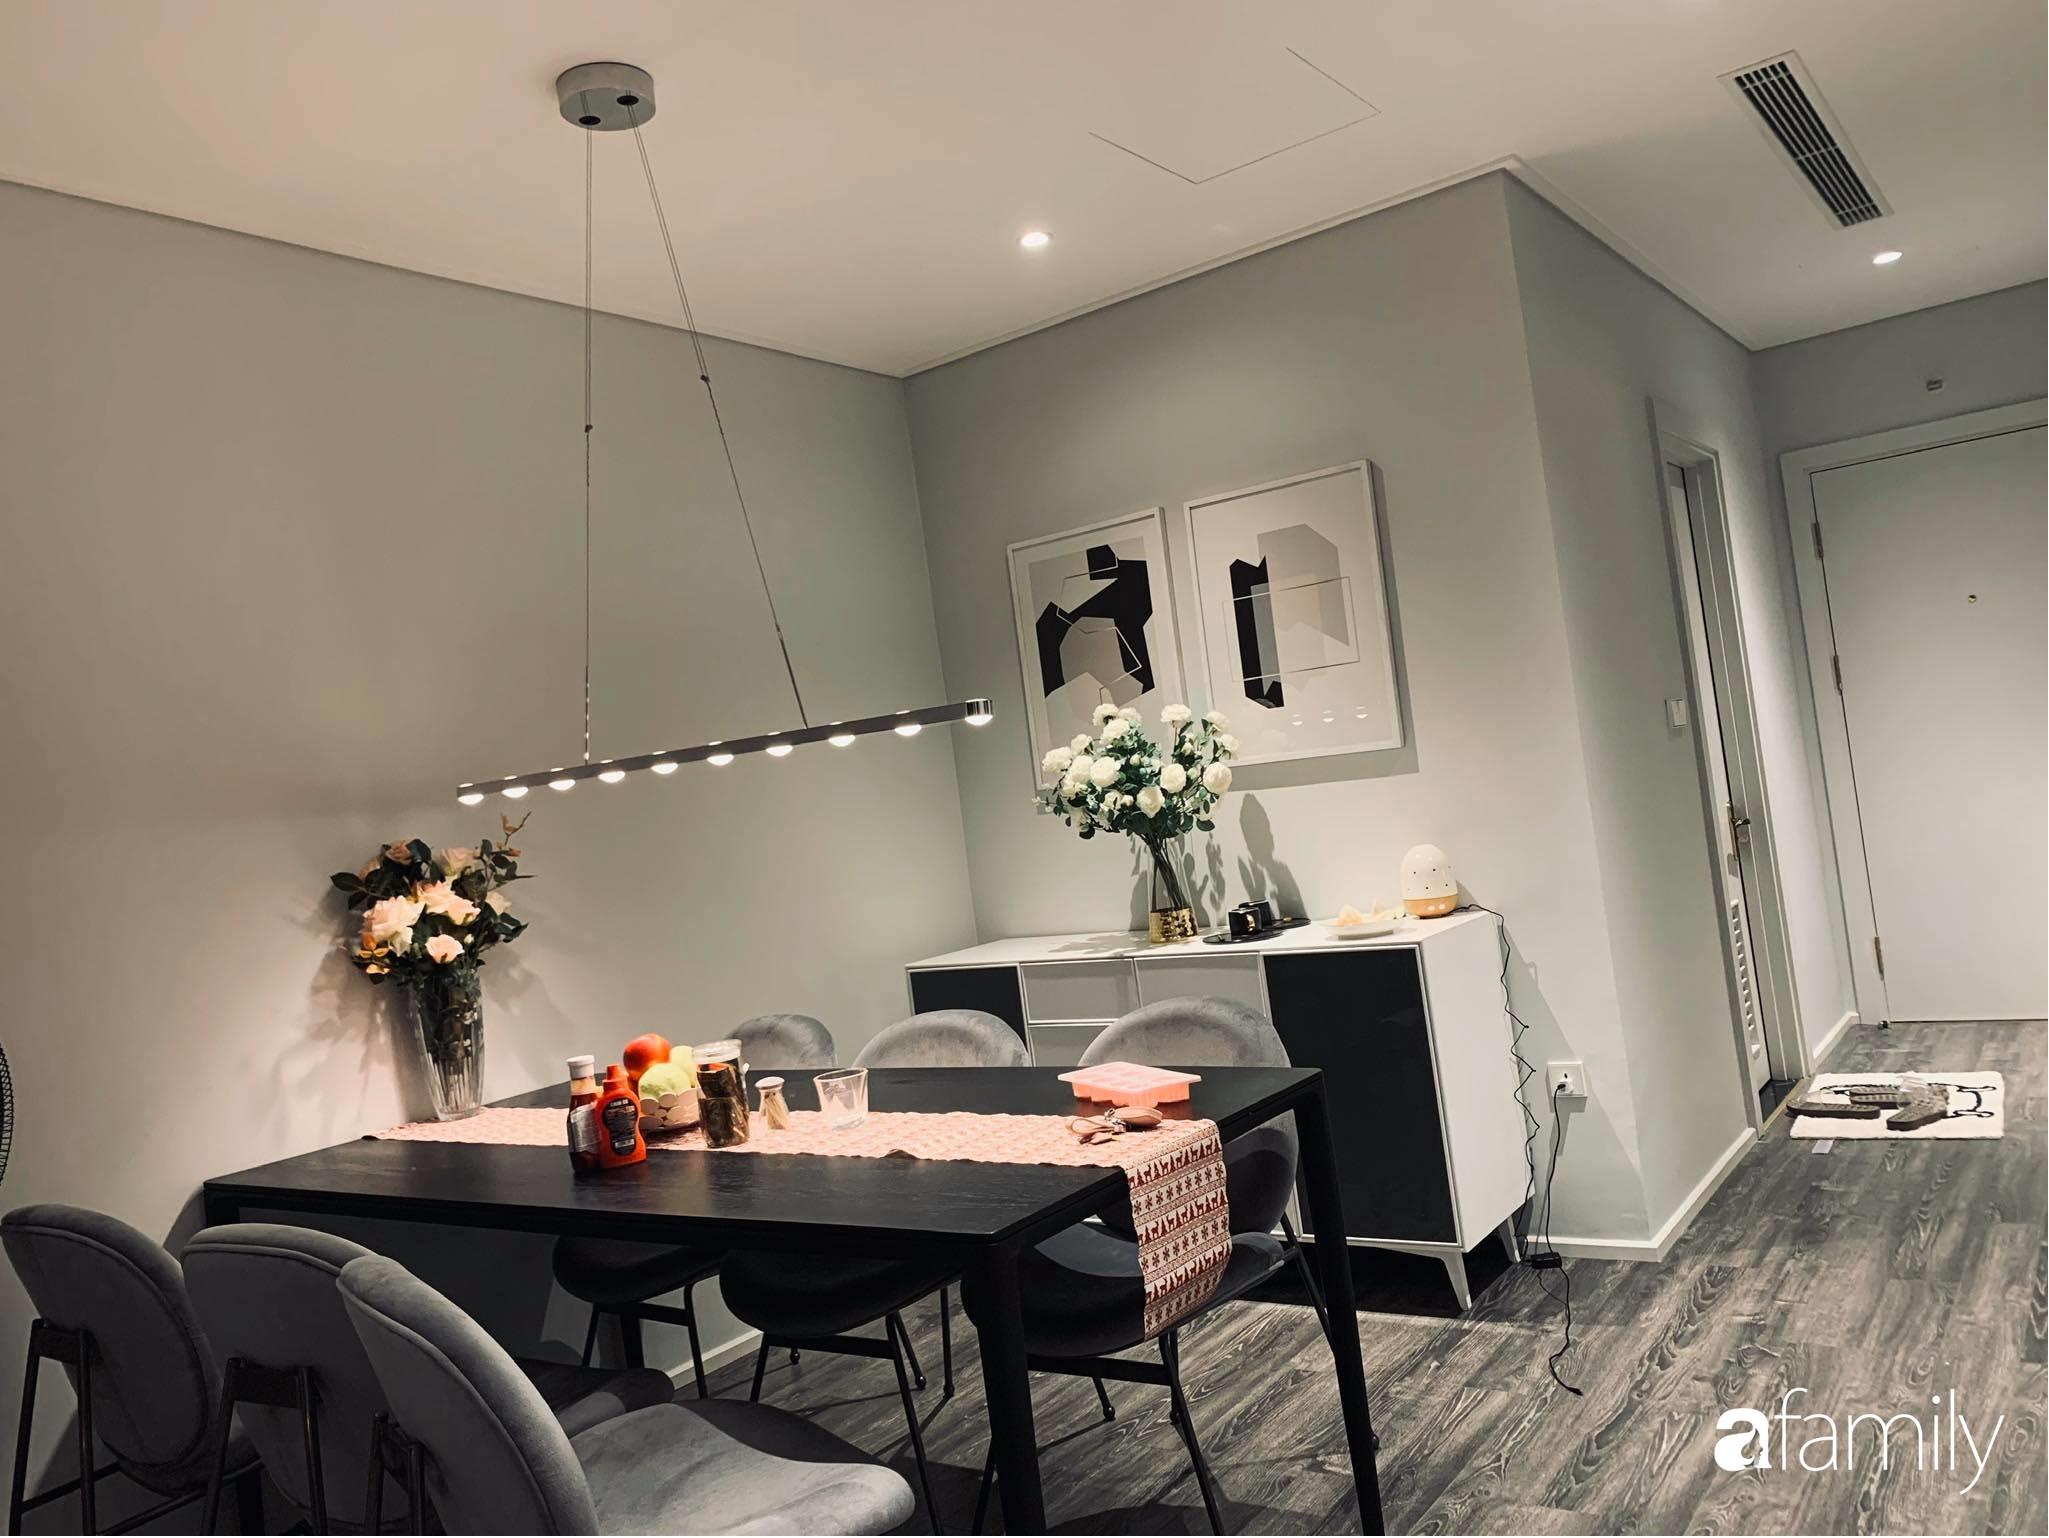 Ngắm không gian sống thư giãn cuối tuần của nữ MC Hải Vân trong căn hộ cao cấp 120m² ngay giữa lòng thành phố  - Ảnh 8.